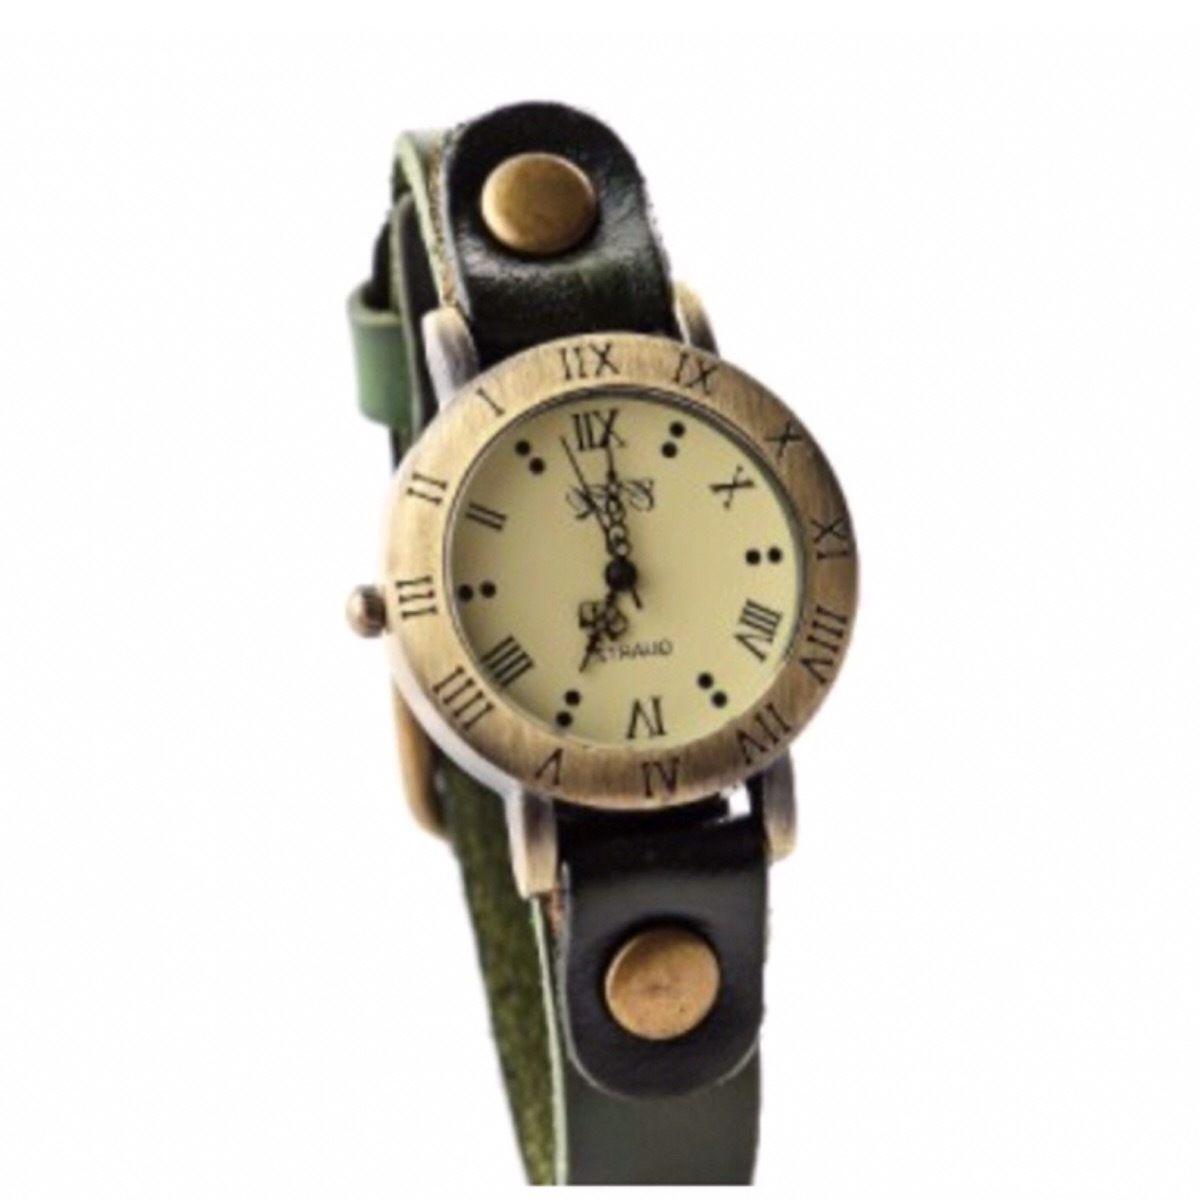 レザーウォッチ 腕時計 メンズ レディース シンプル ギフト 人気 プレゼント 時計 おしゃれ 安い かわいい プチプラ ブレスレット 敬老の日  緑 グリーン アンティーク